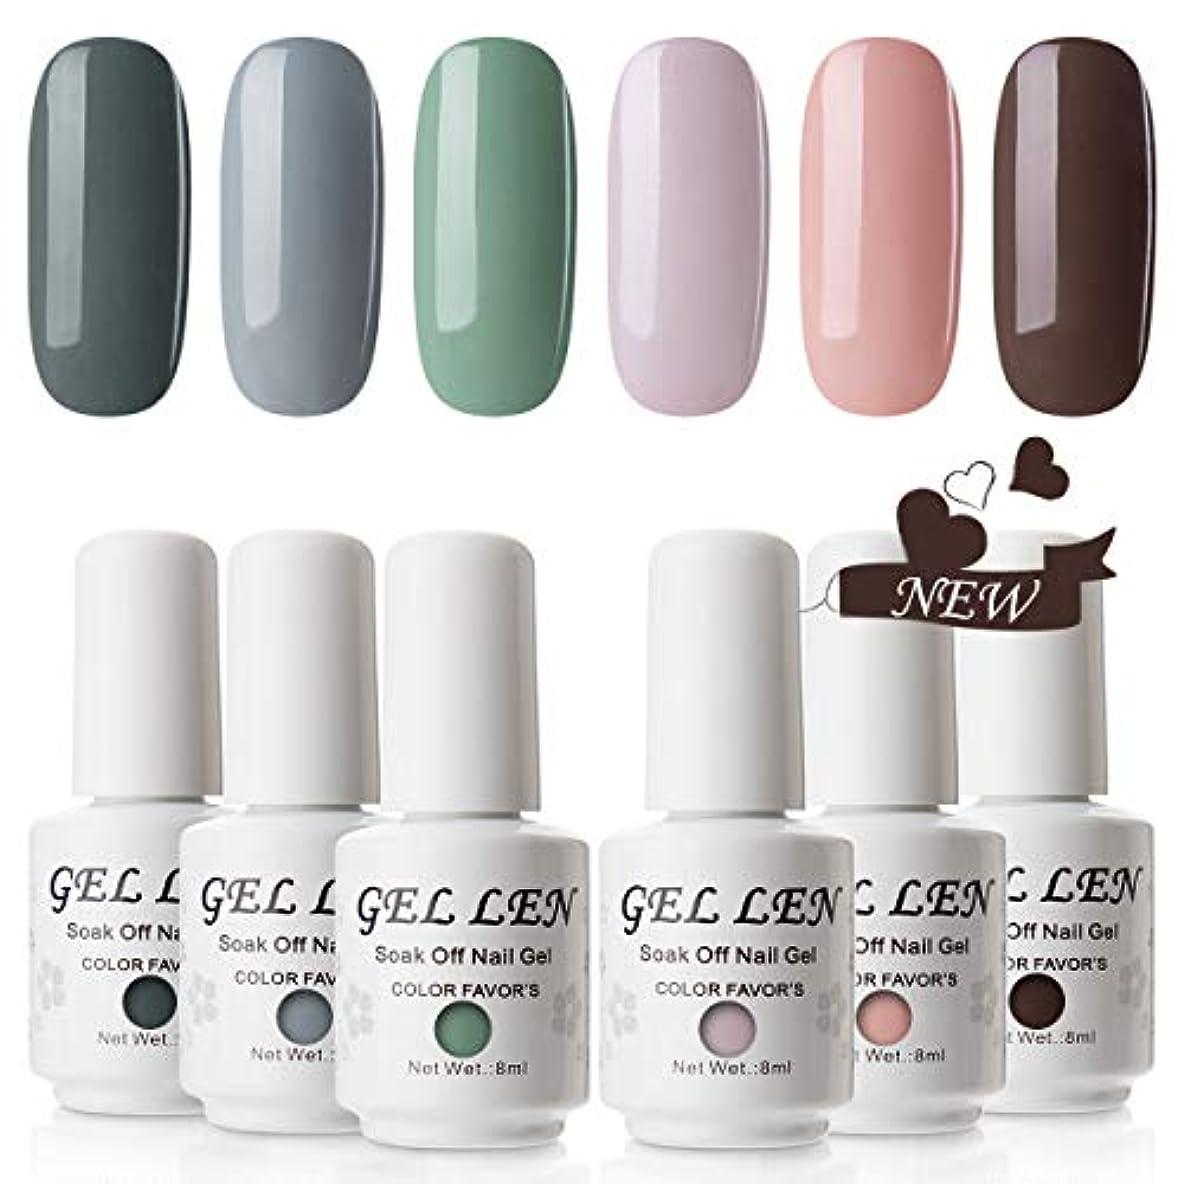 に対応環境に優しい栄光Gellen ジェルネイル カラージェル 厳選6色 UV/LED ラメ 全ての女性に愛されるカラー 8ml くすみカラー 和色